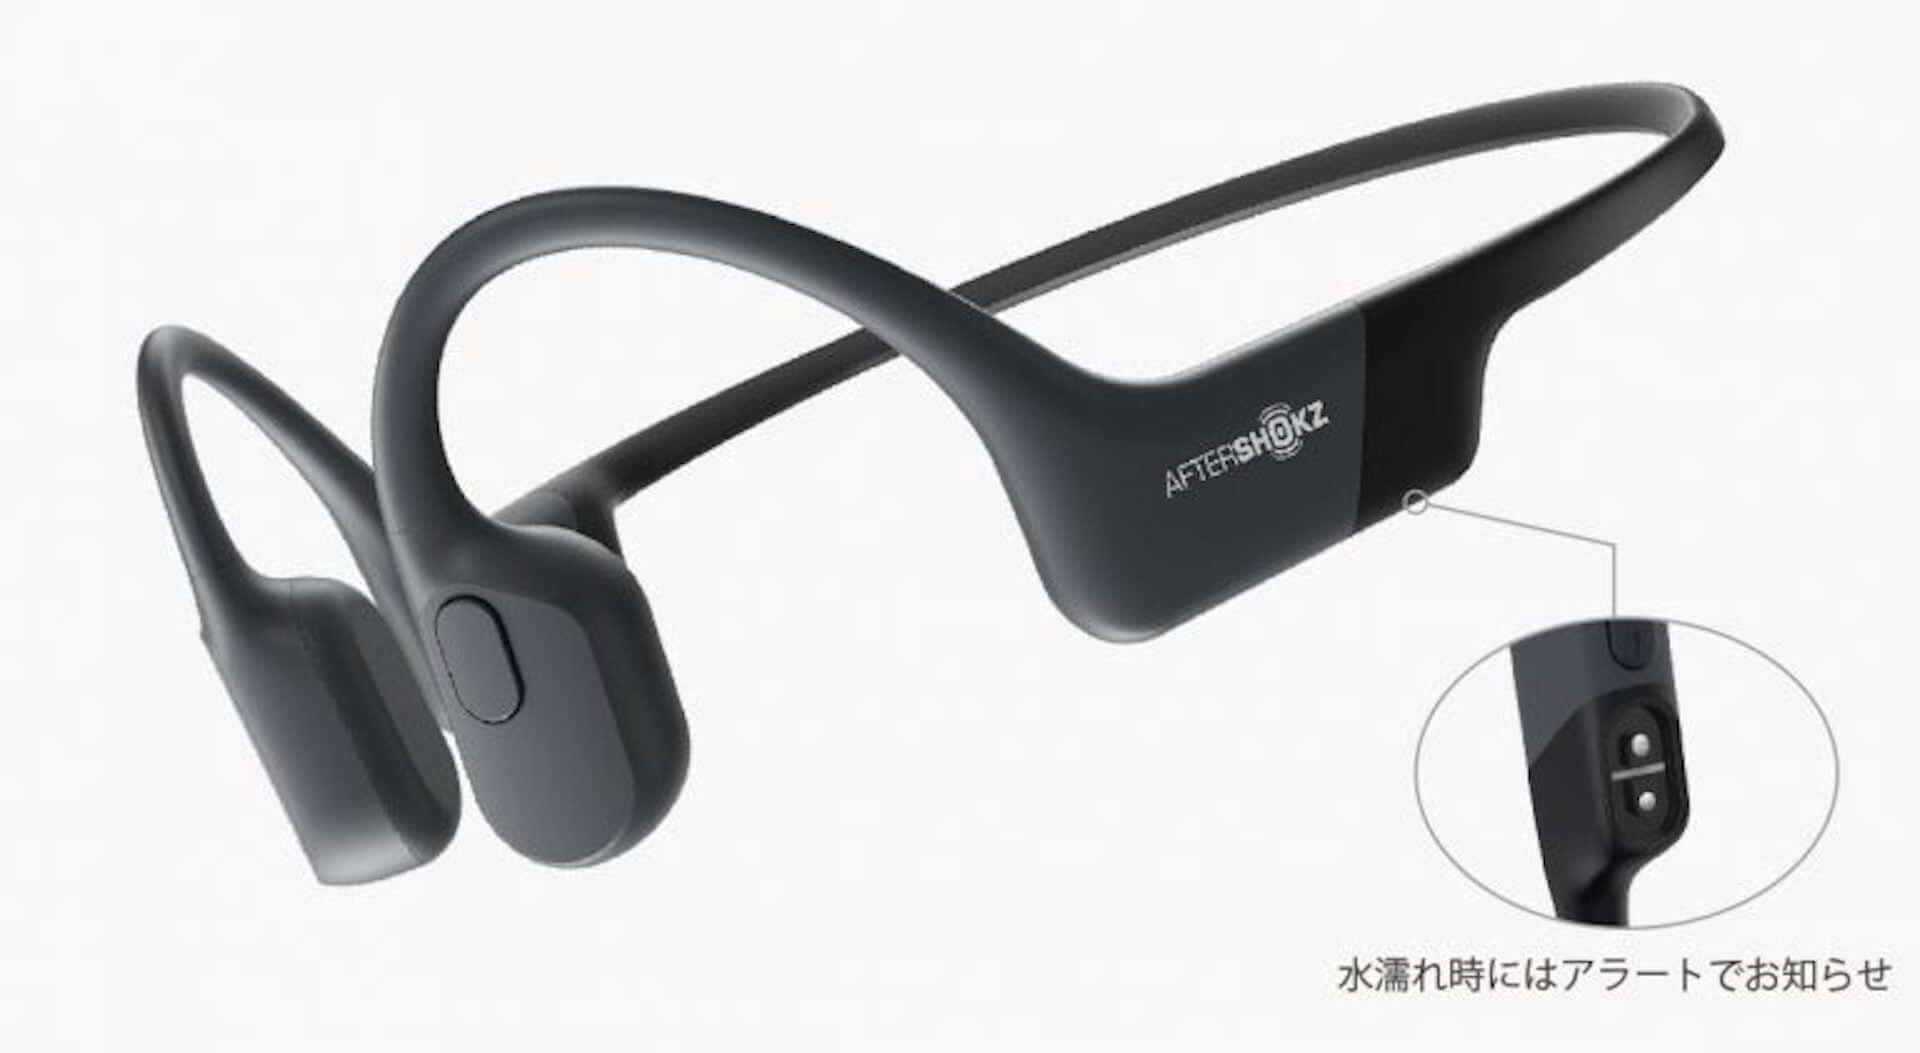 ランニングに最適!耳を塞がず音楽を楽しめる骨伝導ヘッドホン「Aeropex」が登場 technology190722aeropex_5-1920x1053